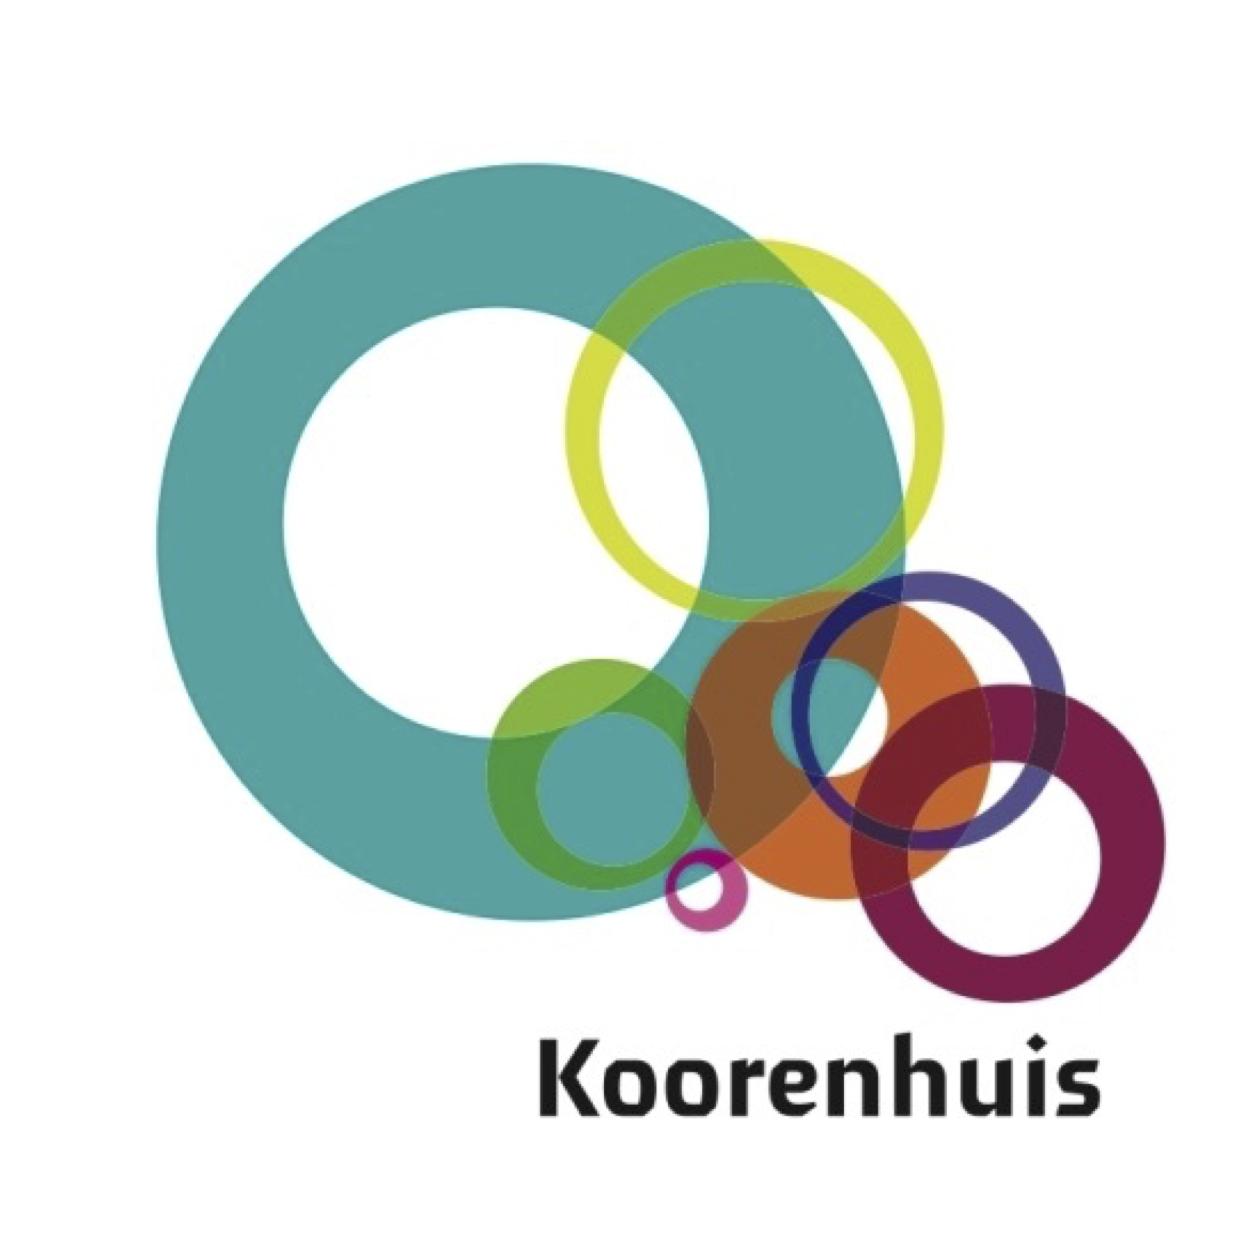 Mindnote client Koorenhuis